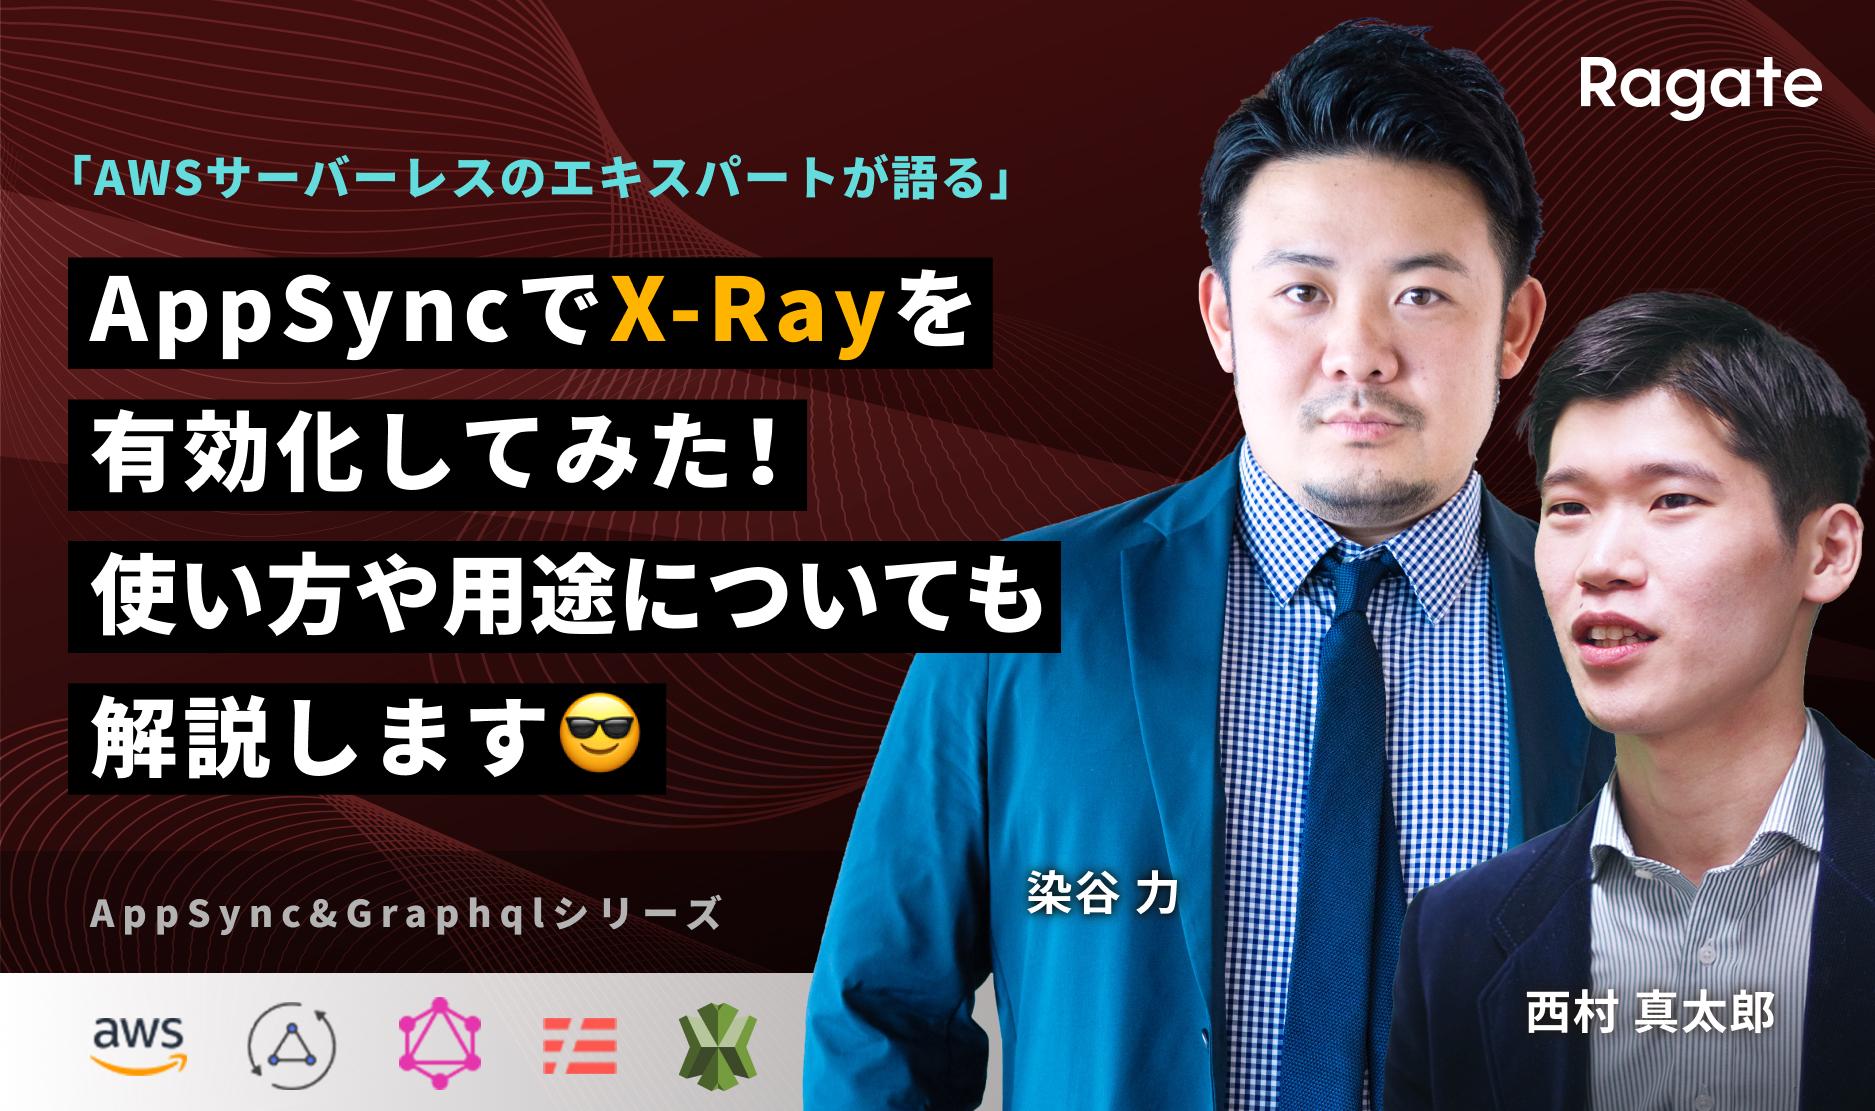 AppSyncでX-Rayを有効化してみた!使い方や用途についても解説します😎